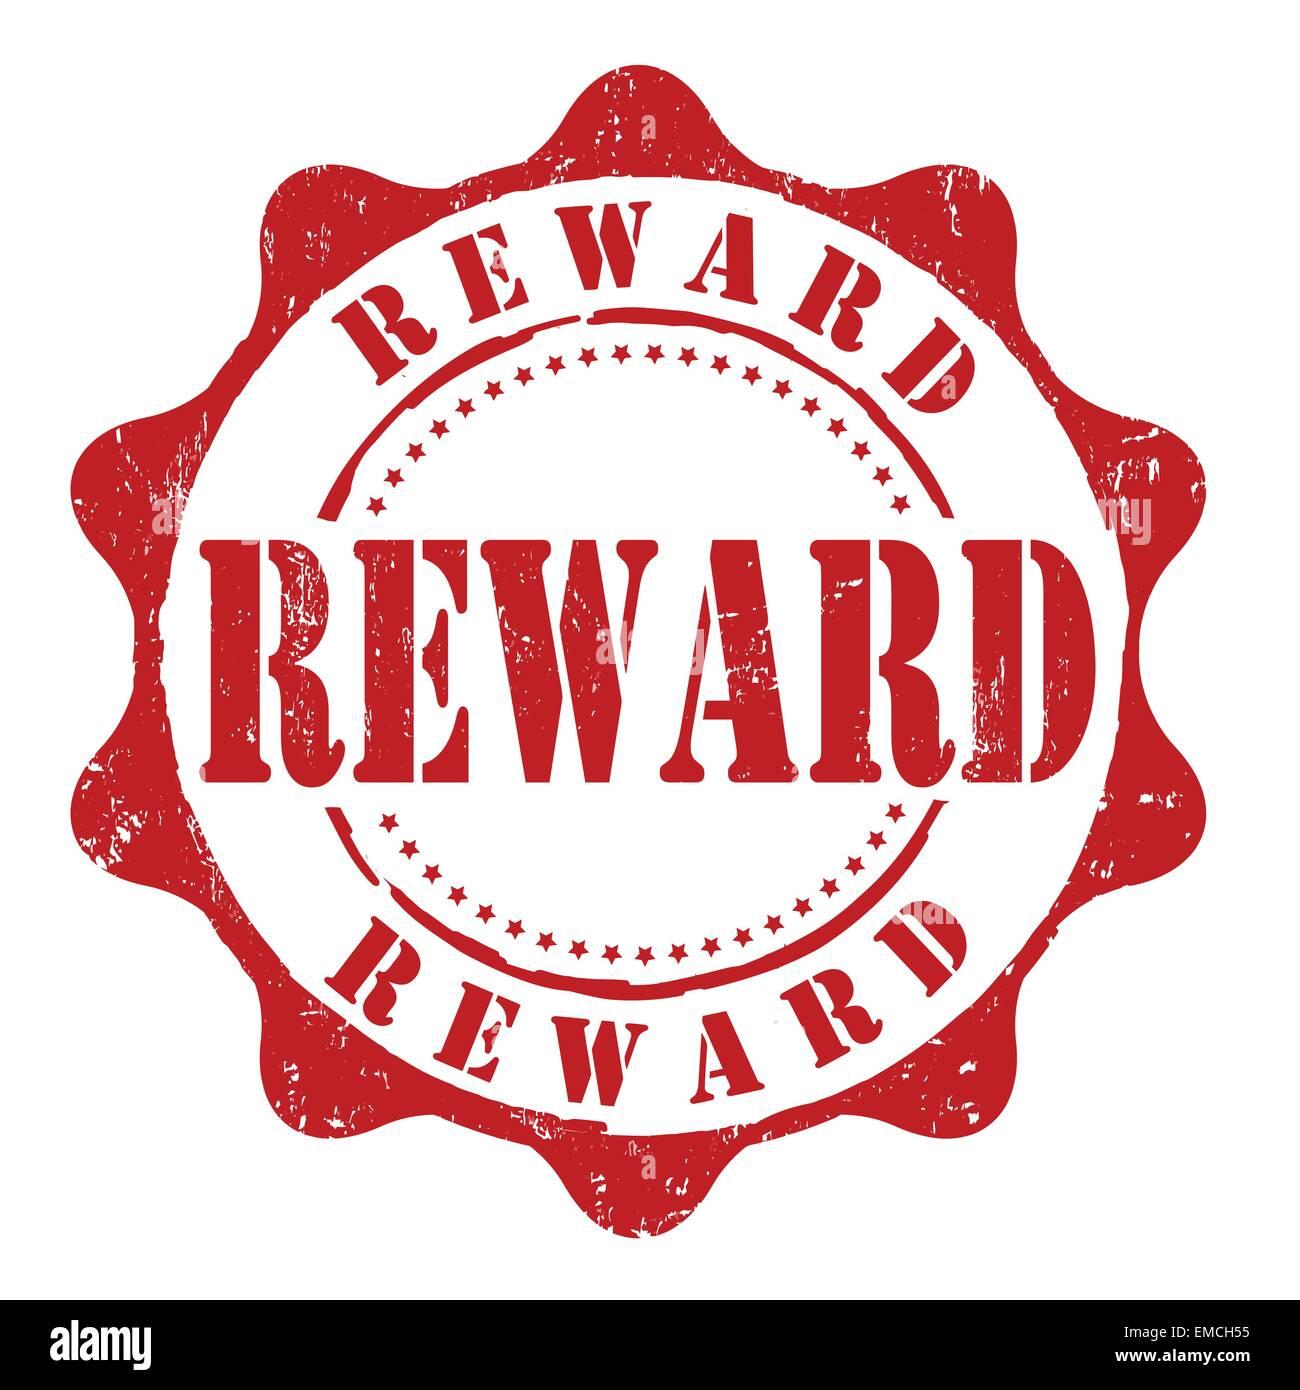 Reward stamp - Stock Image